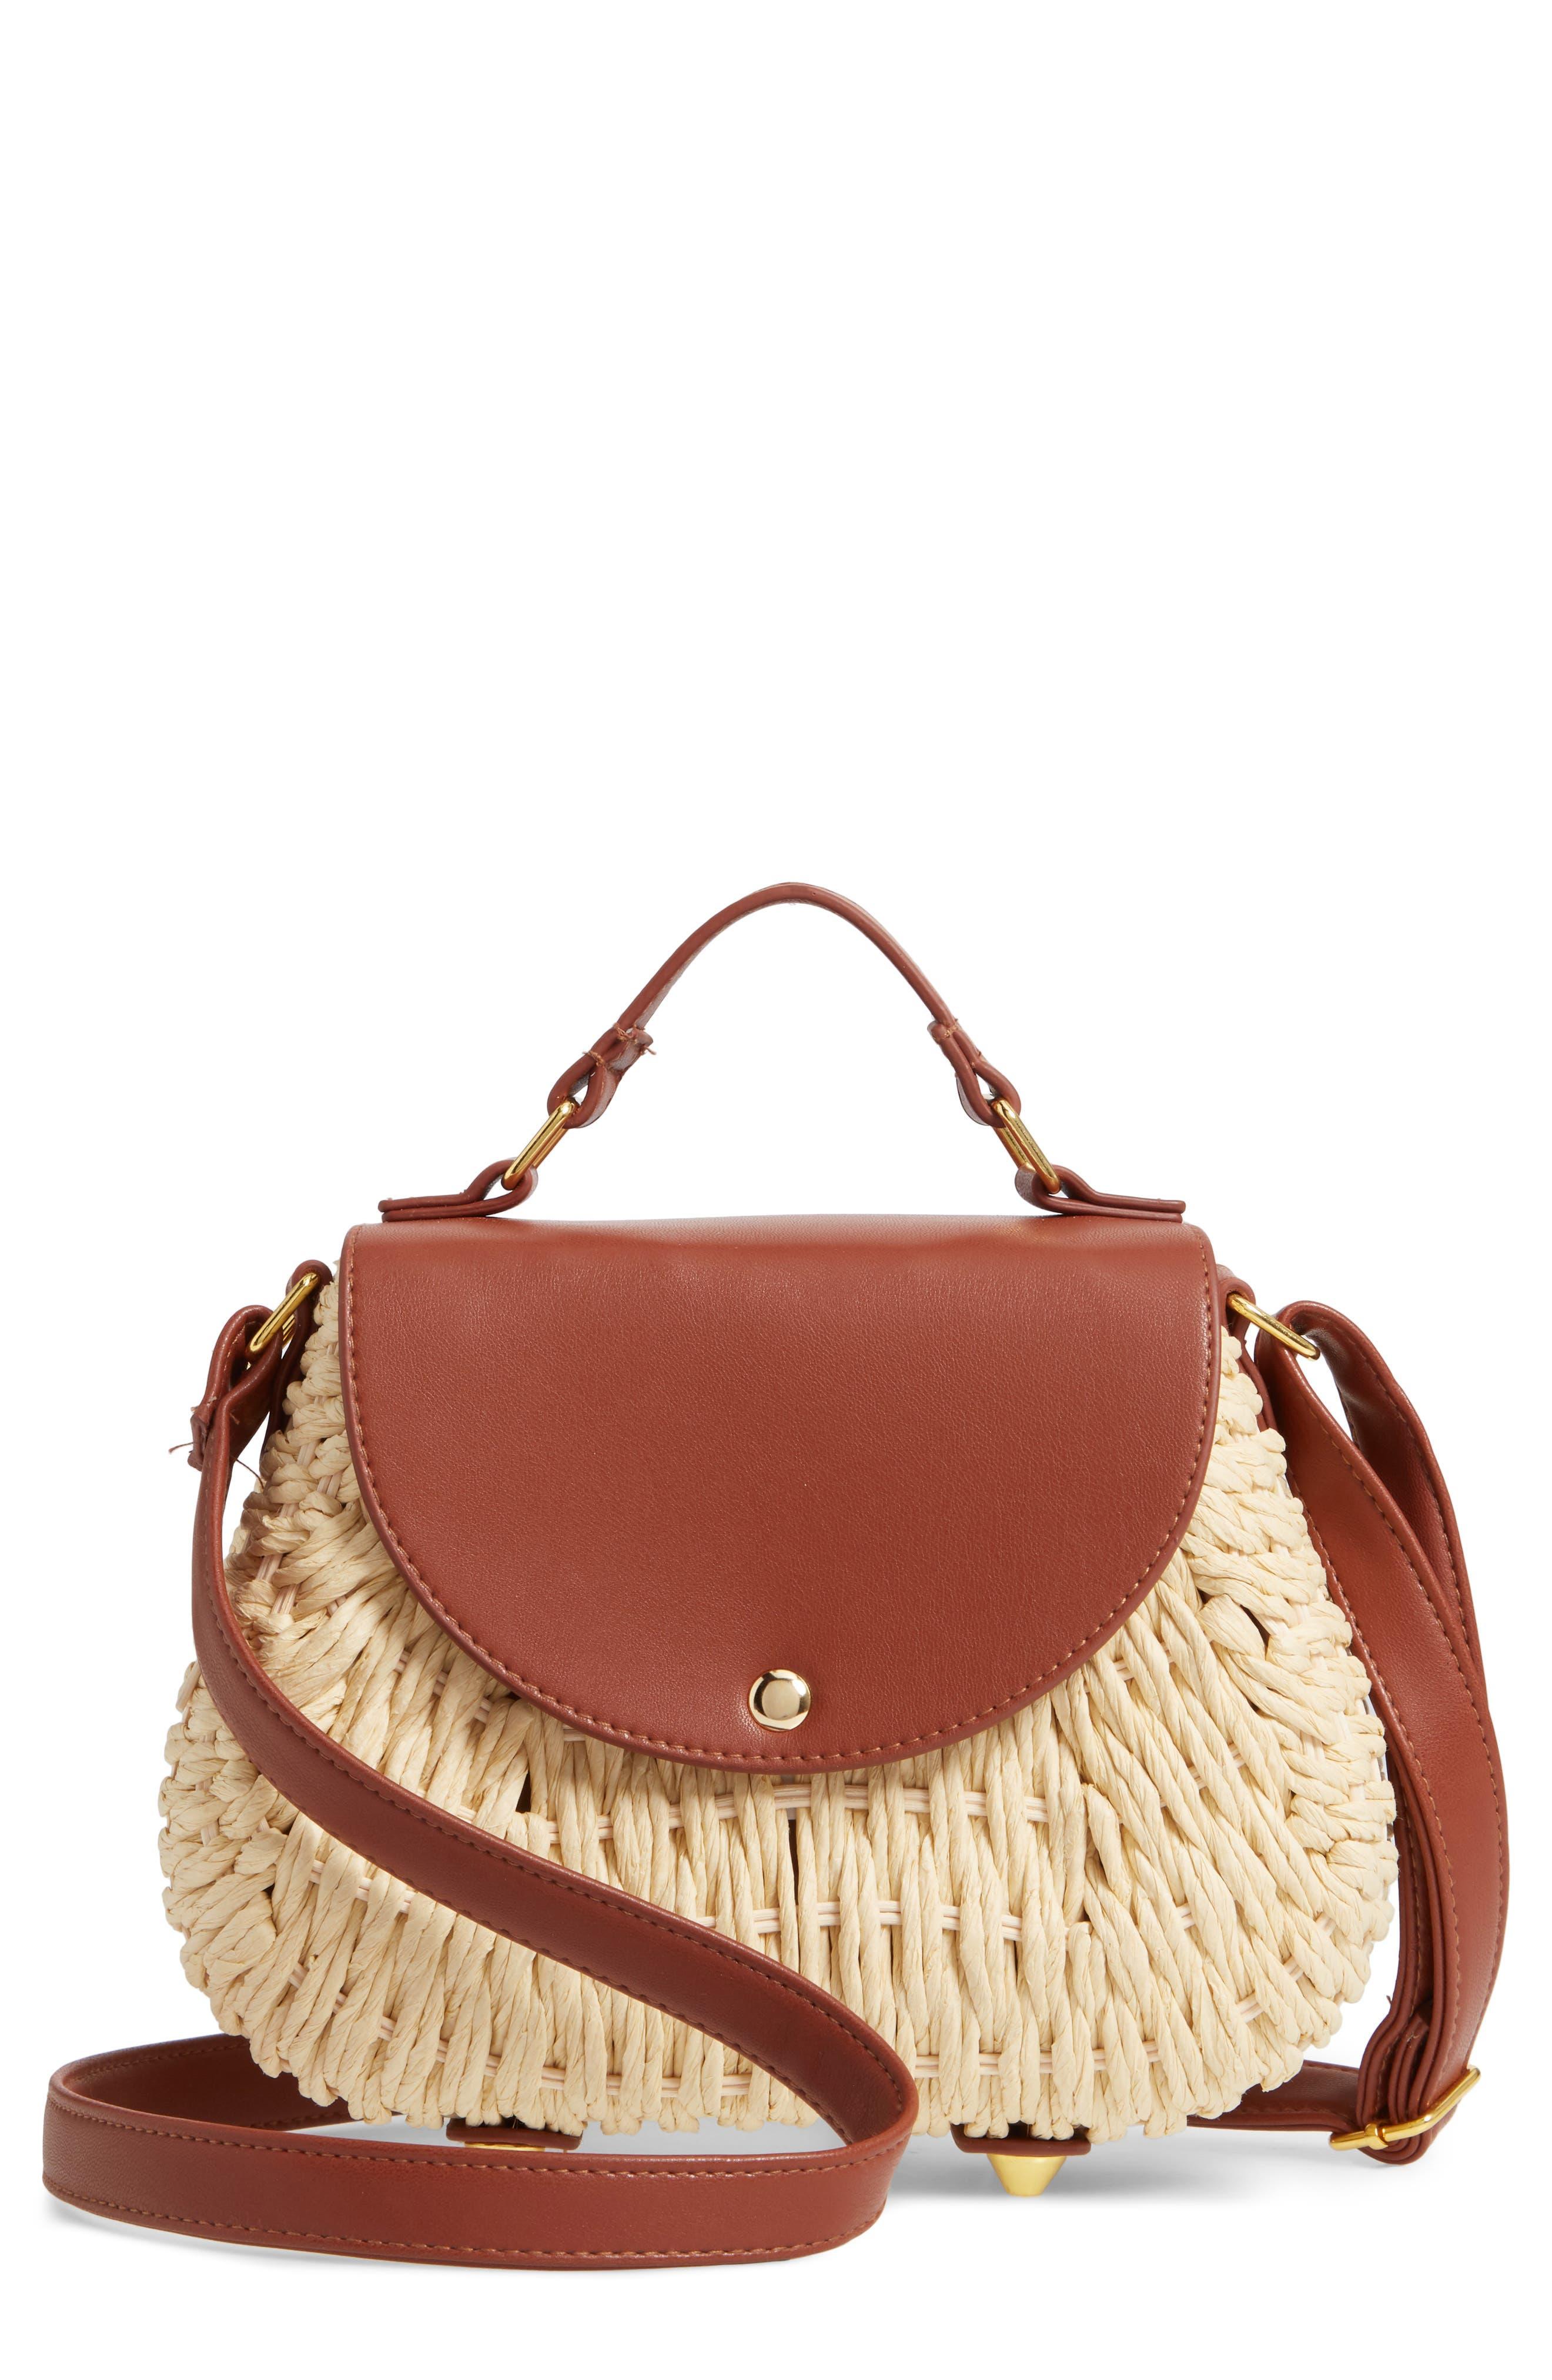 Faux Leather Trim Straw Saddle Bag,                             Main thumbnail 1, color,                             NATURAL/ COGNAC